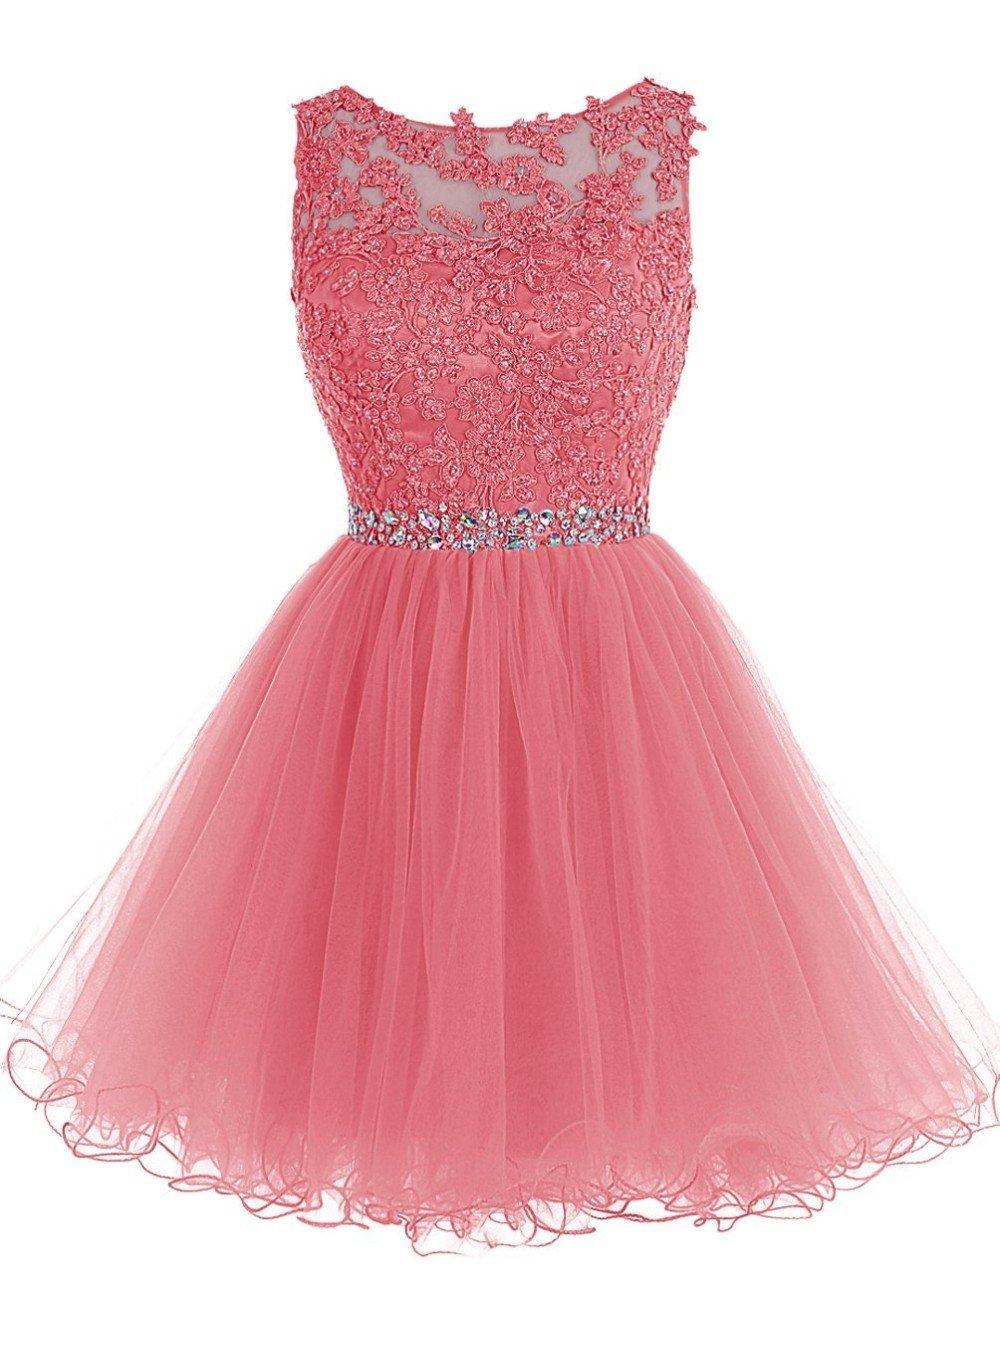 Formal Wedding Dresses.Simple A Line Short Tulle Junior Bridesmaid Dresses Formal Wedding Guest Watermelon 20plus